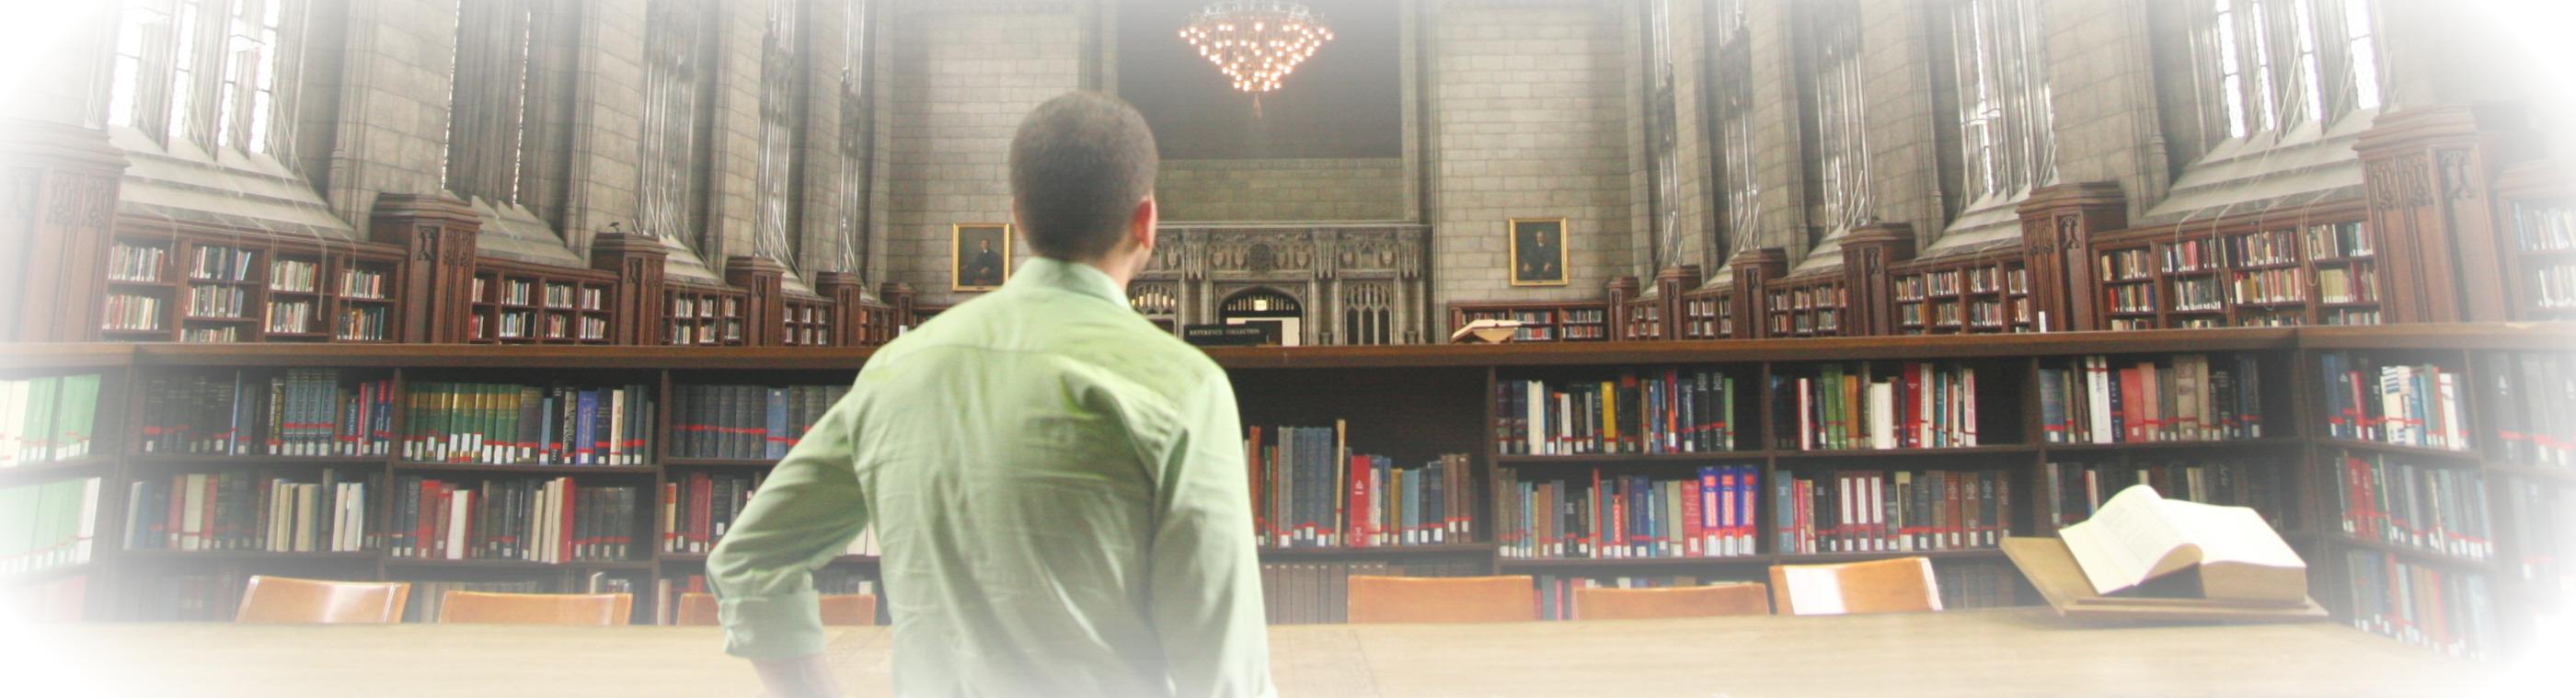 Imagen de la biblioteca de Harper University